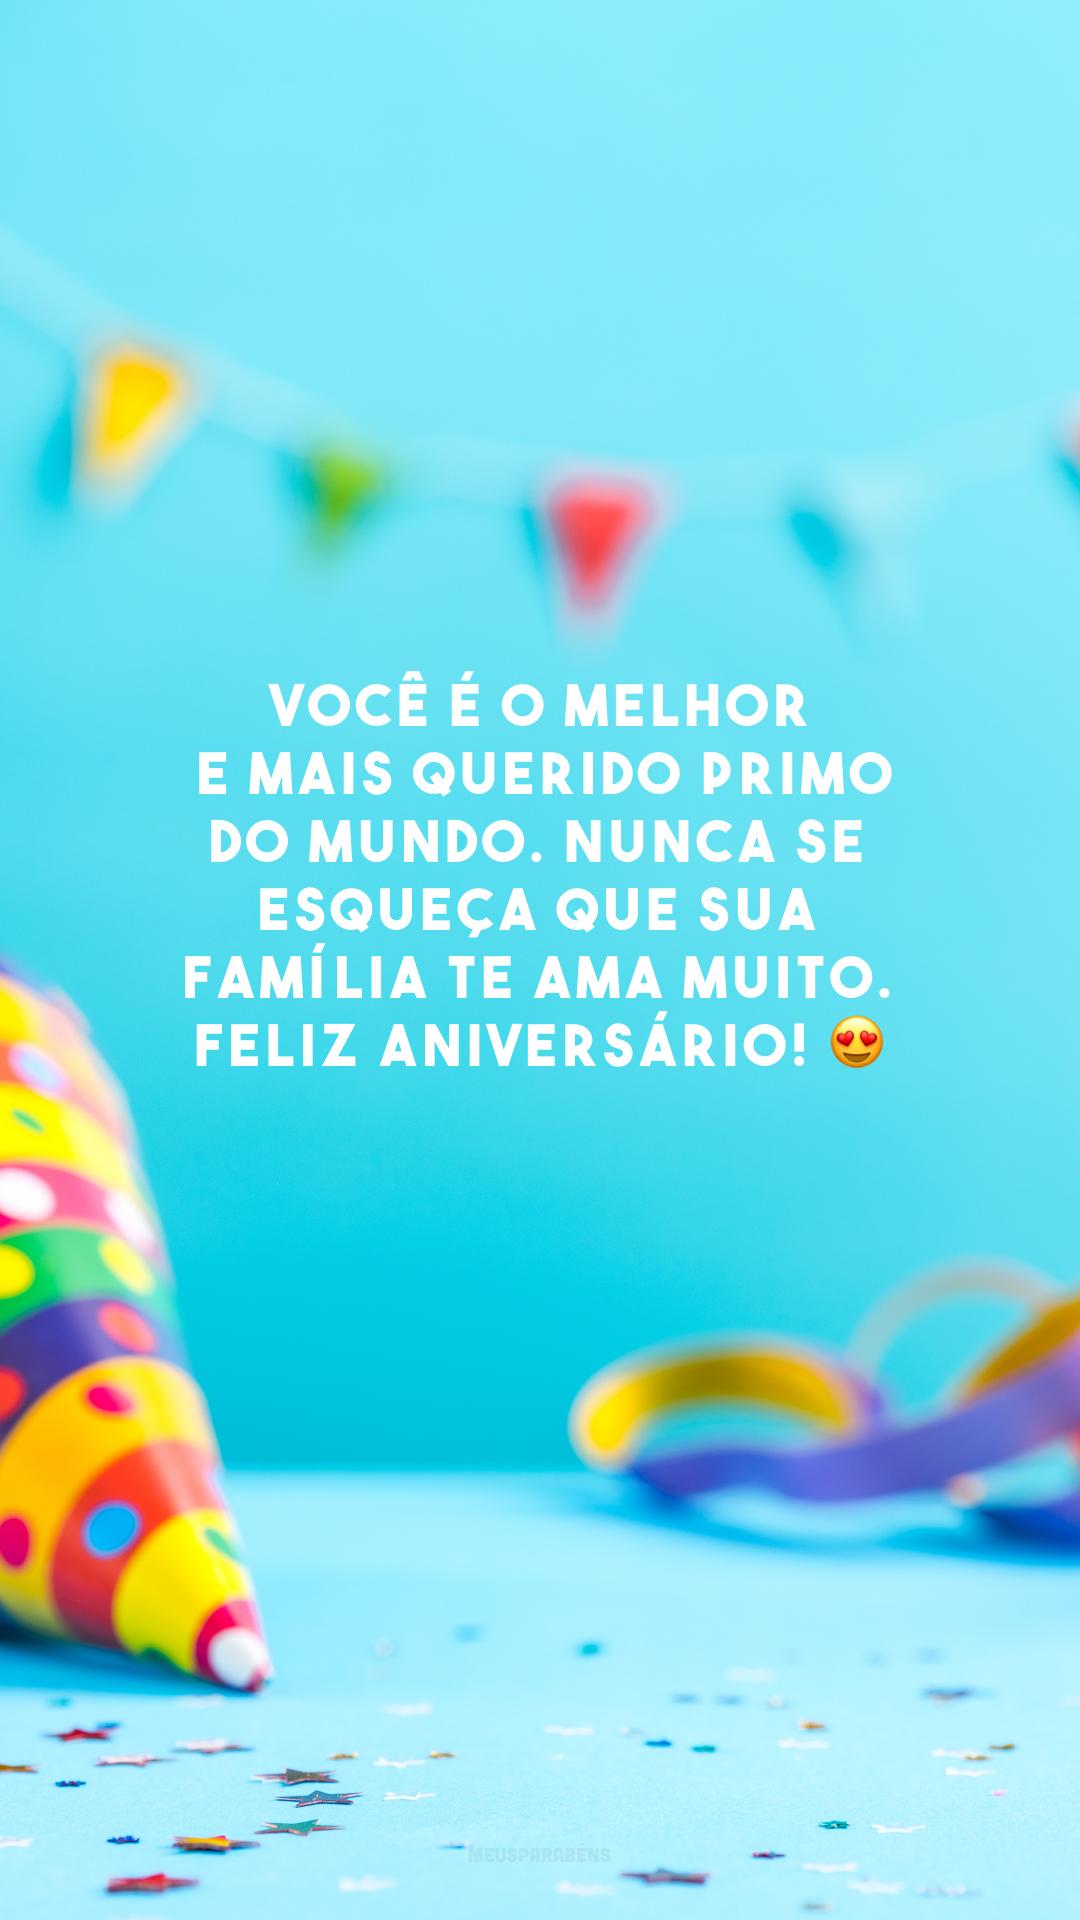 Você é o melhor e mais querido primo do mundo. Nunca se esqueça que sua família te ama muito. Feliz aniversário! 😍